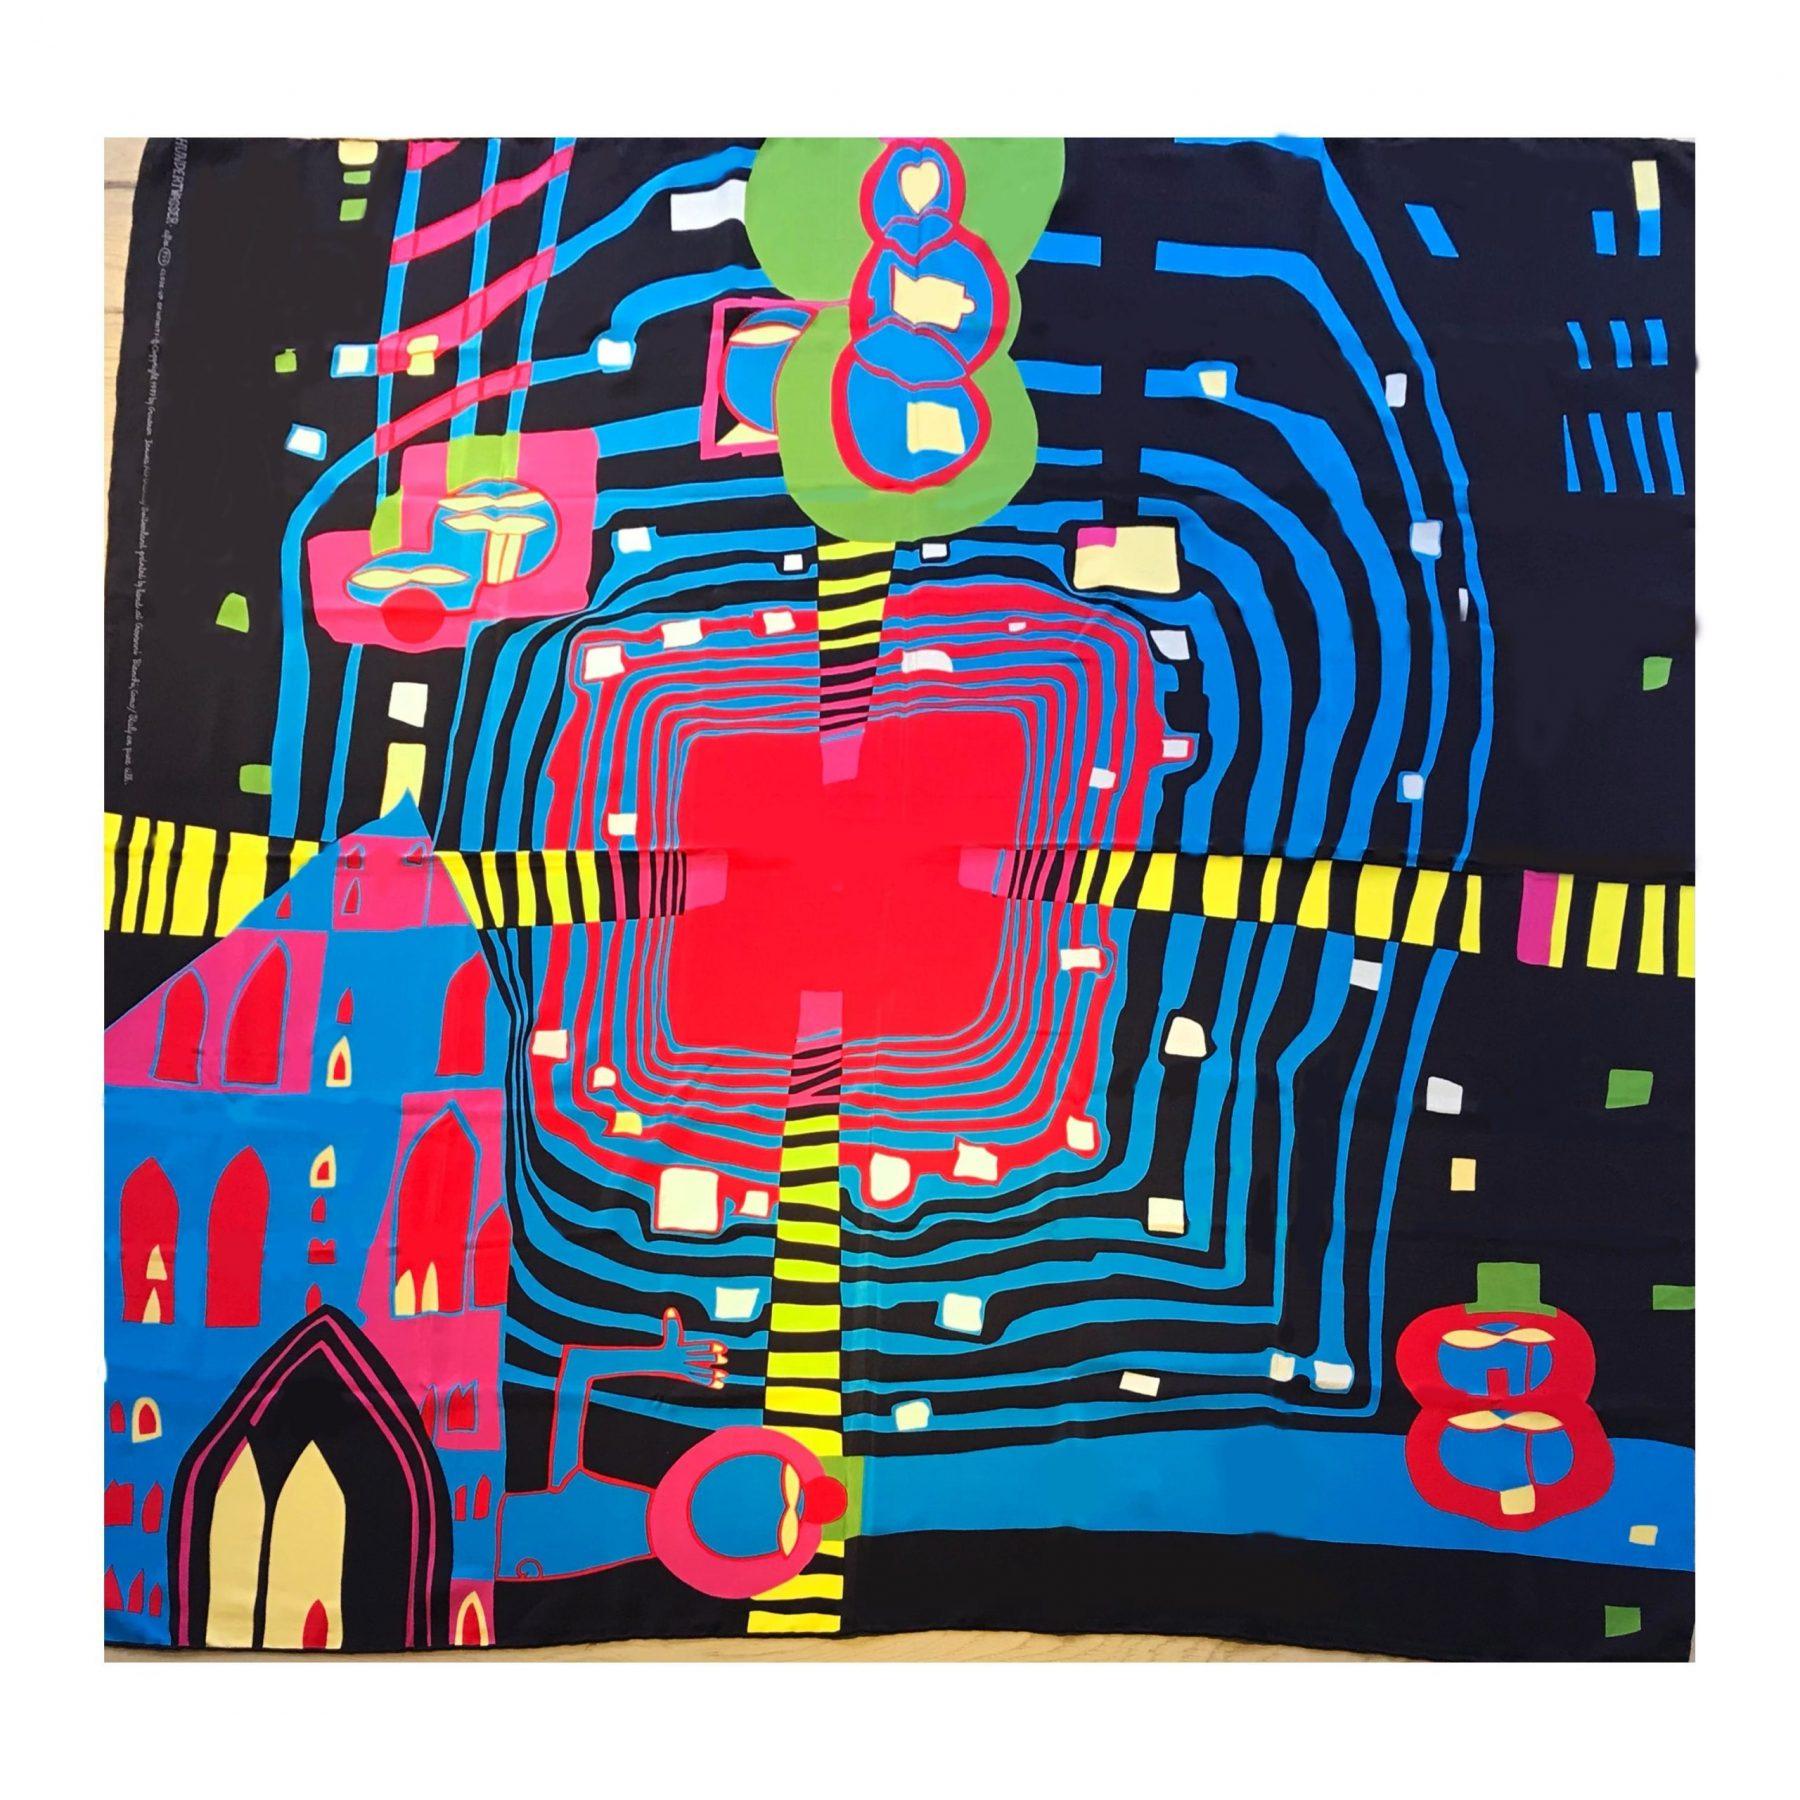 """Seidentuch """"close up of infini - Hundertwasser, Friedensreich - k-11678"""